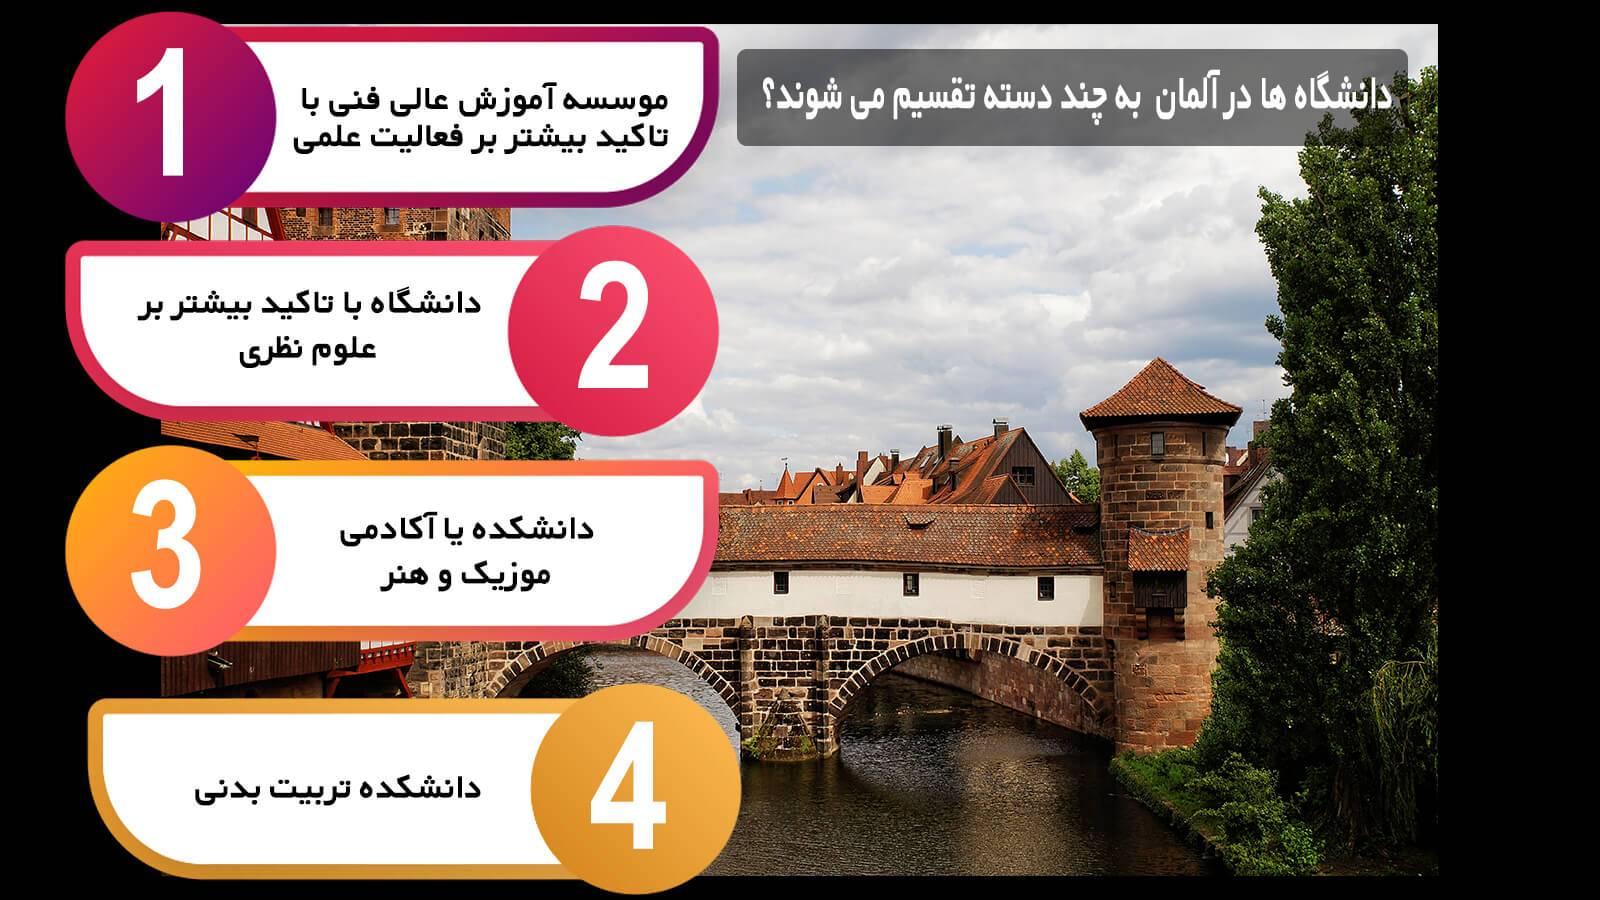 دانشگاه ها در آلمان به چند دسته تقسیم می شوند؟